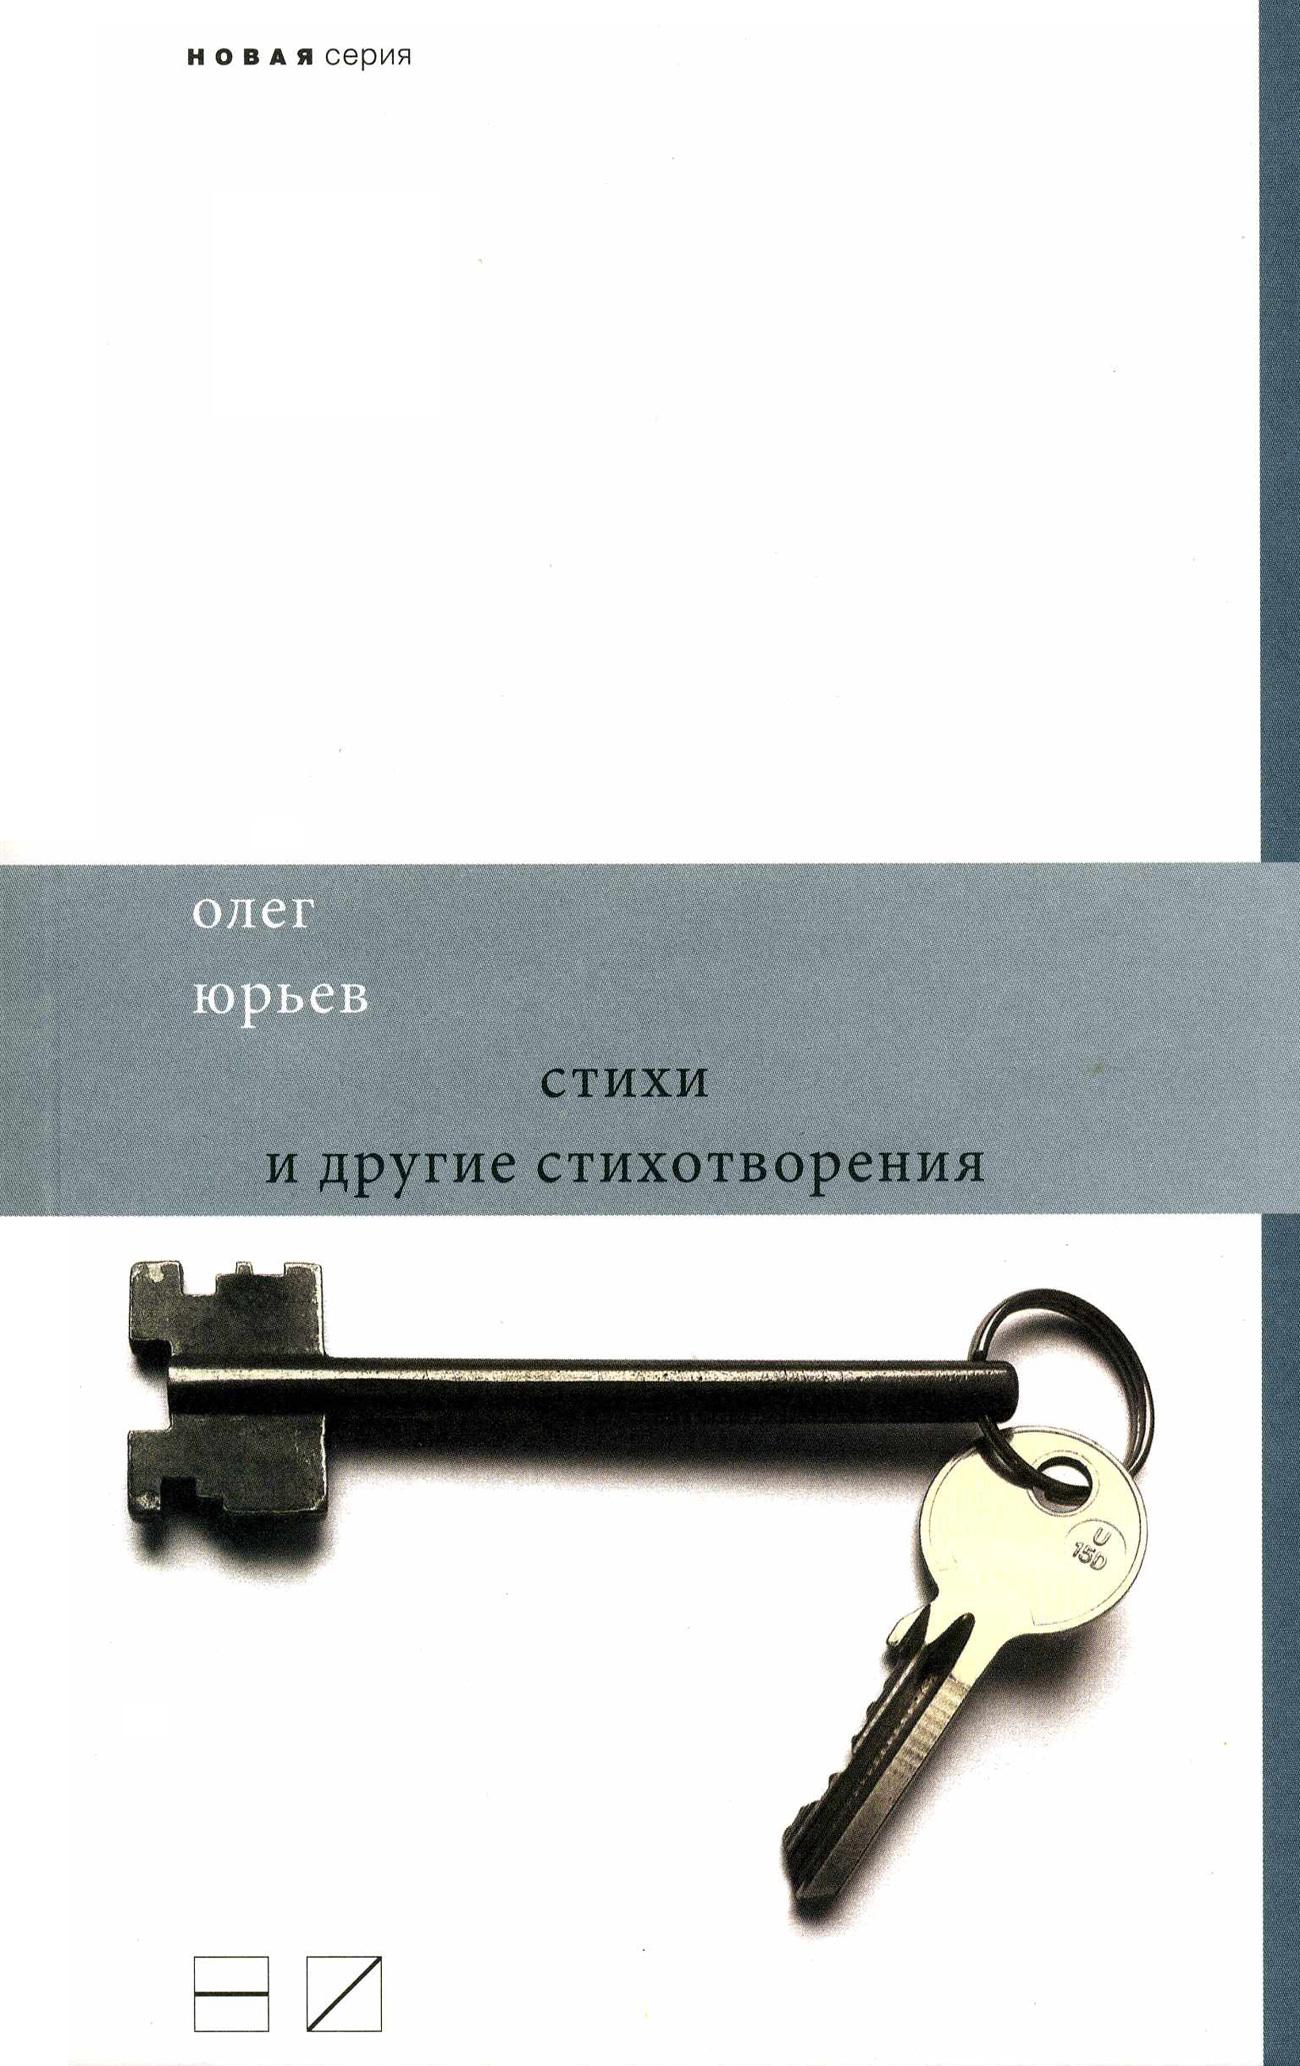 Олег Юрьев Стихи и другие стихотворения